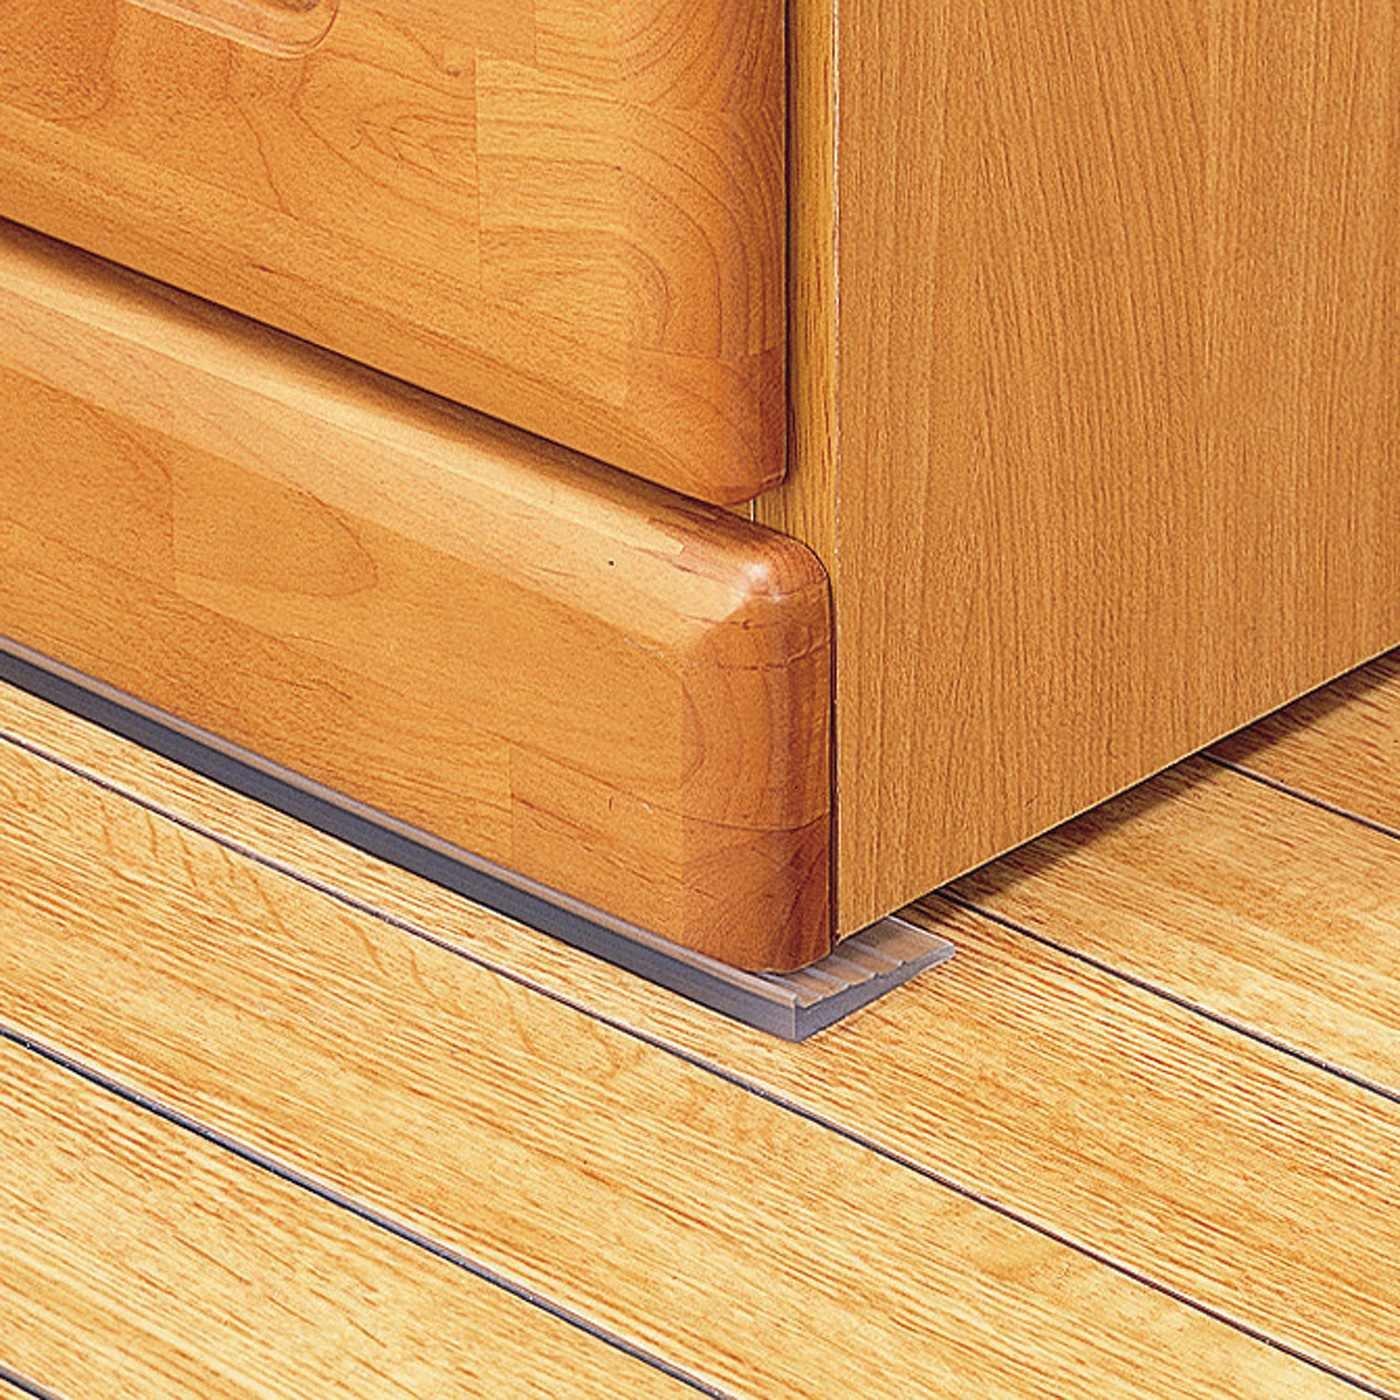 家具の下に挟み込むだけ 転倒防止ストッパー〈120cm〉